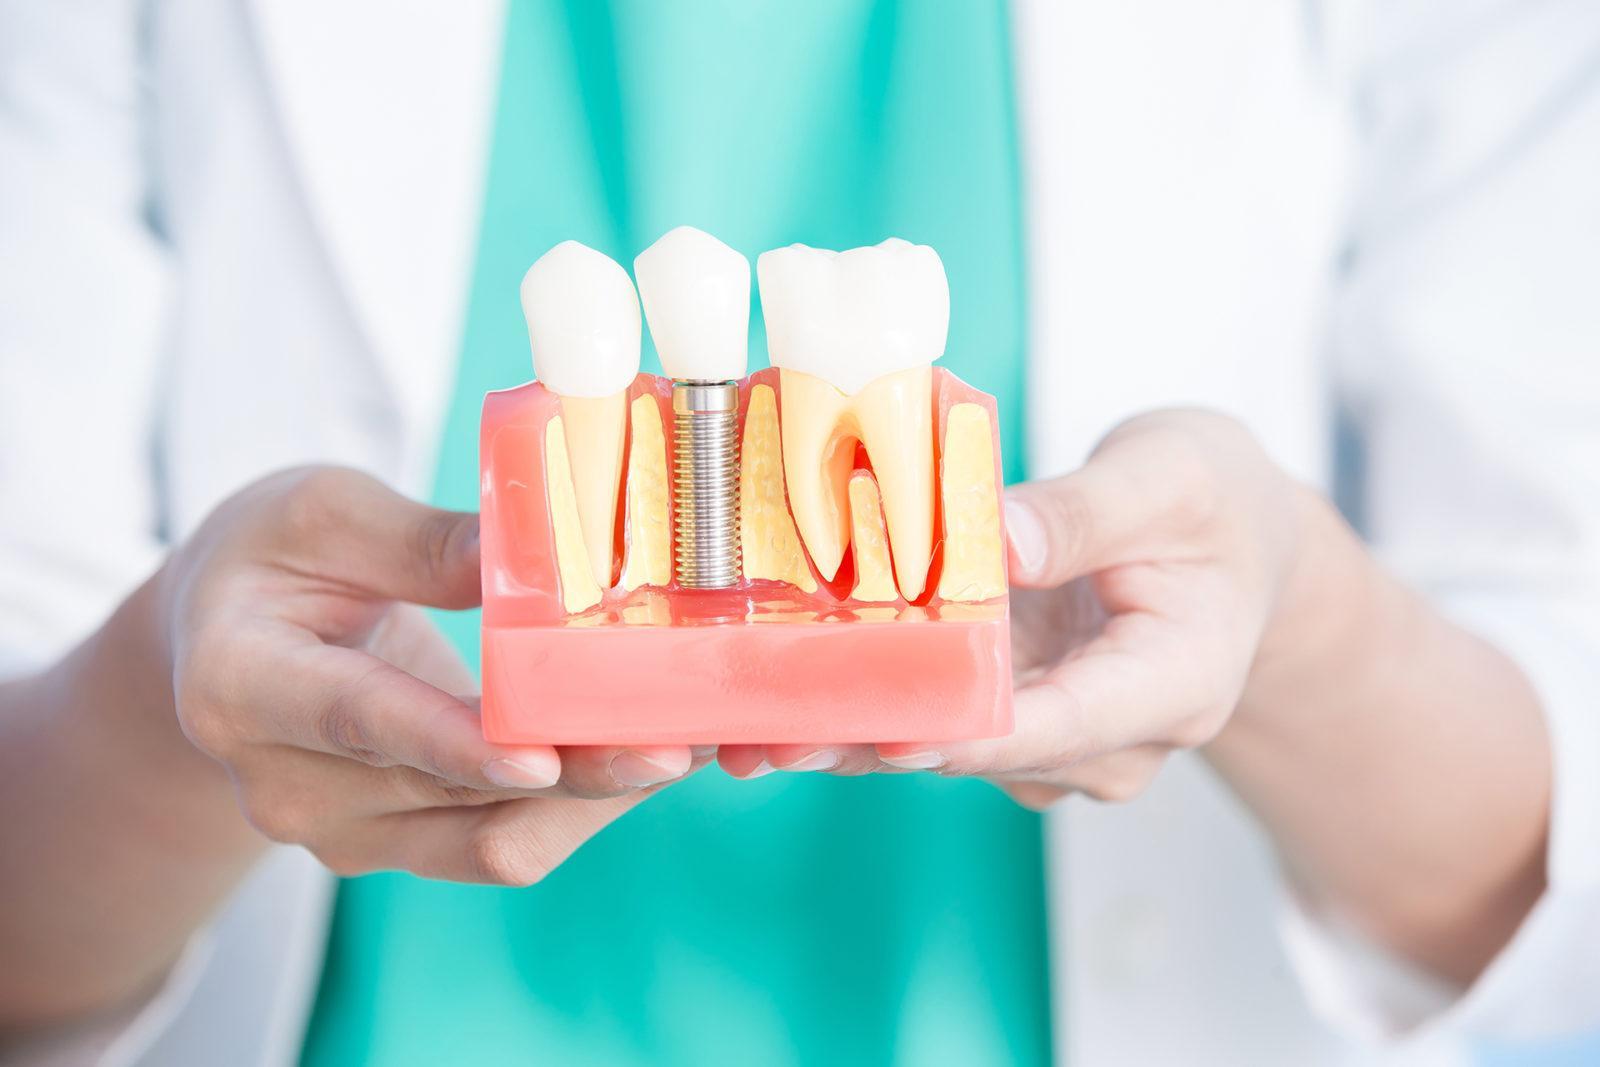 Имплантация зубов: комфорт, надежность, высокая эстетика